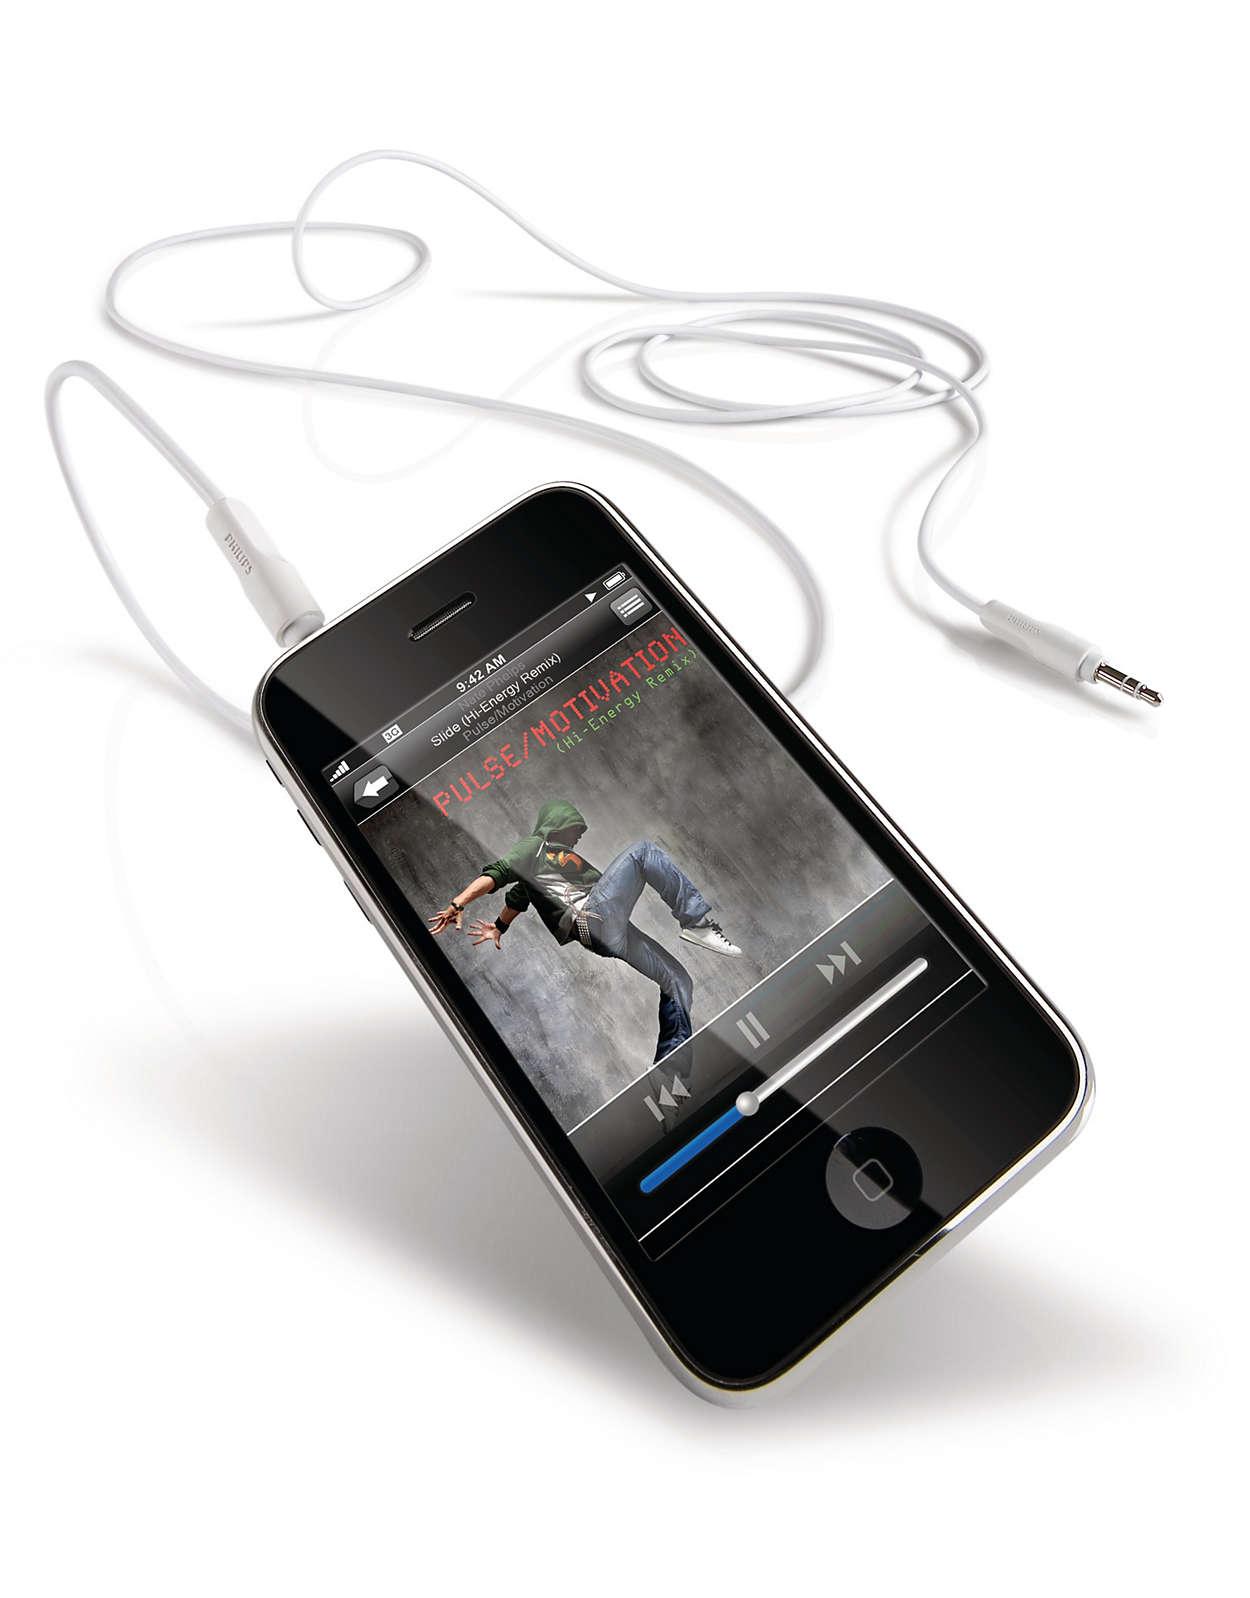 Muziek luisteren via de autoradio